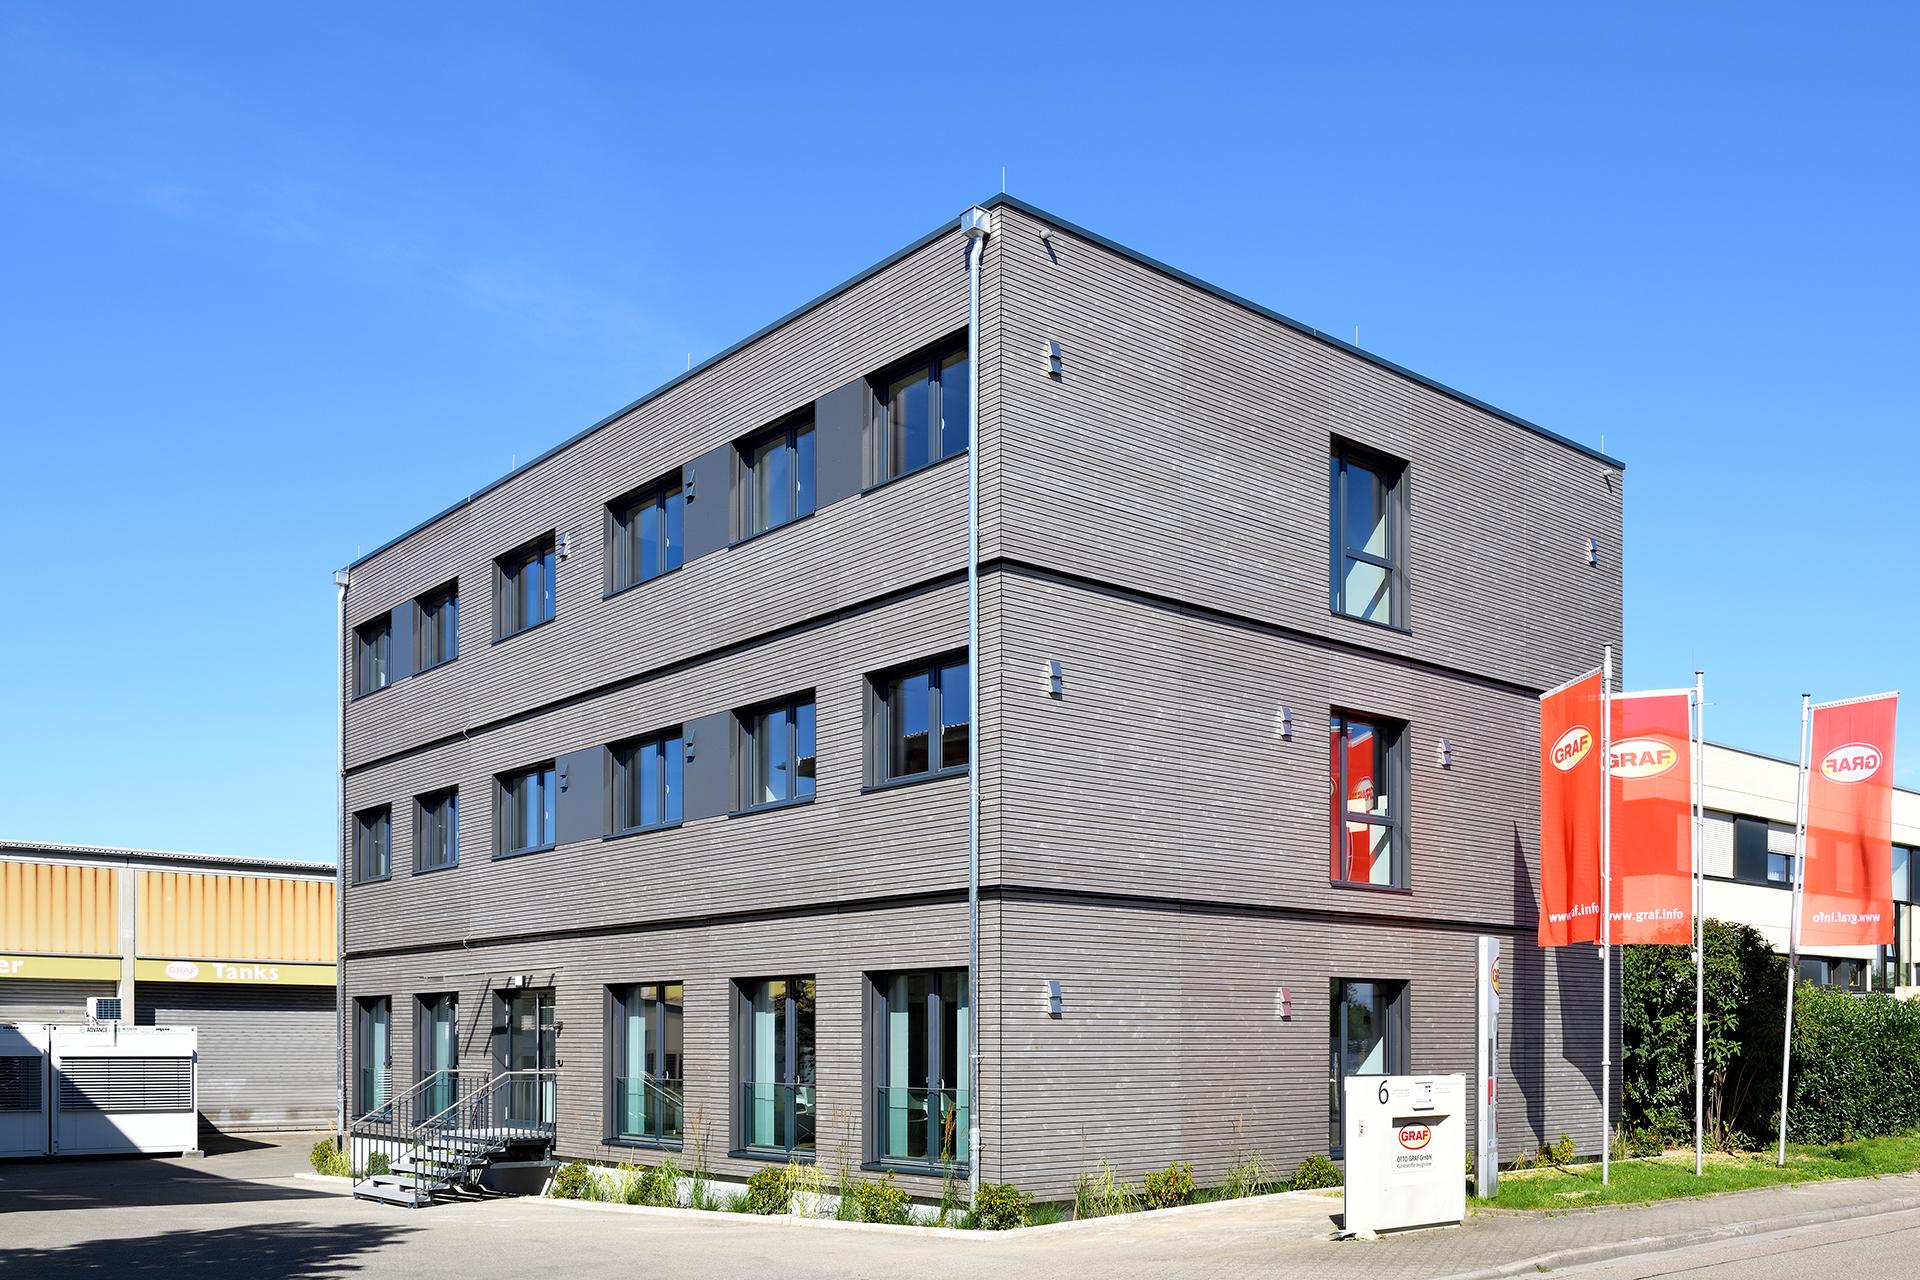 Seitenansicht eines Bürogebäudes mit dem Eingang